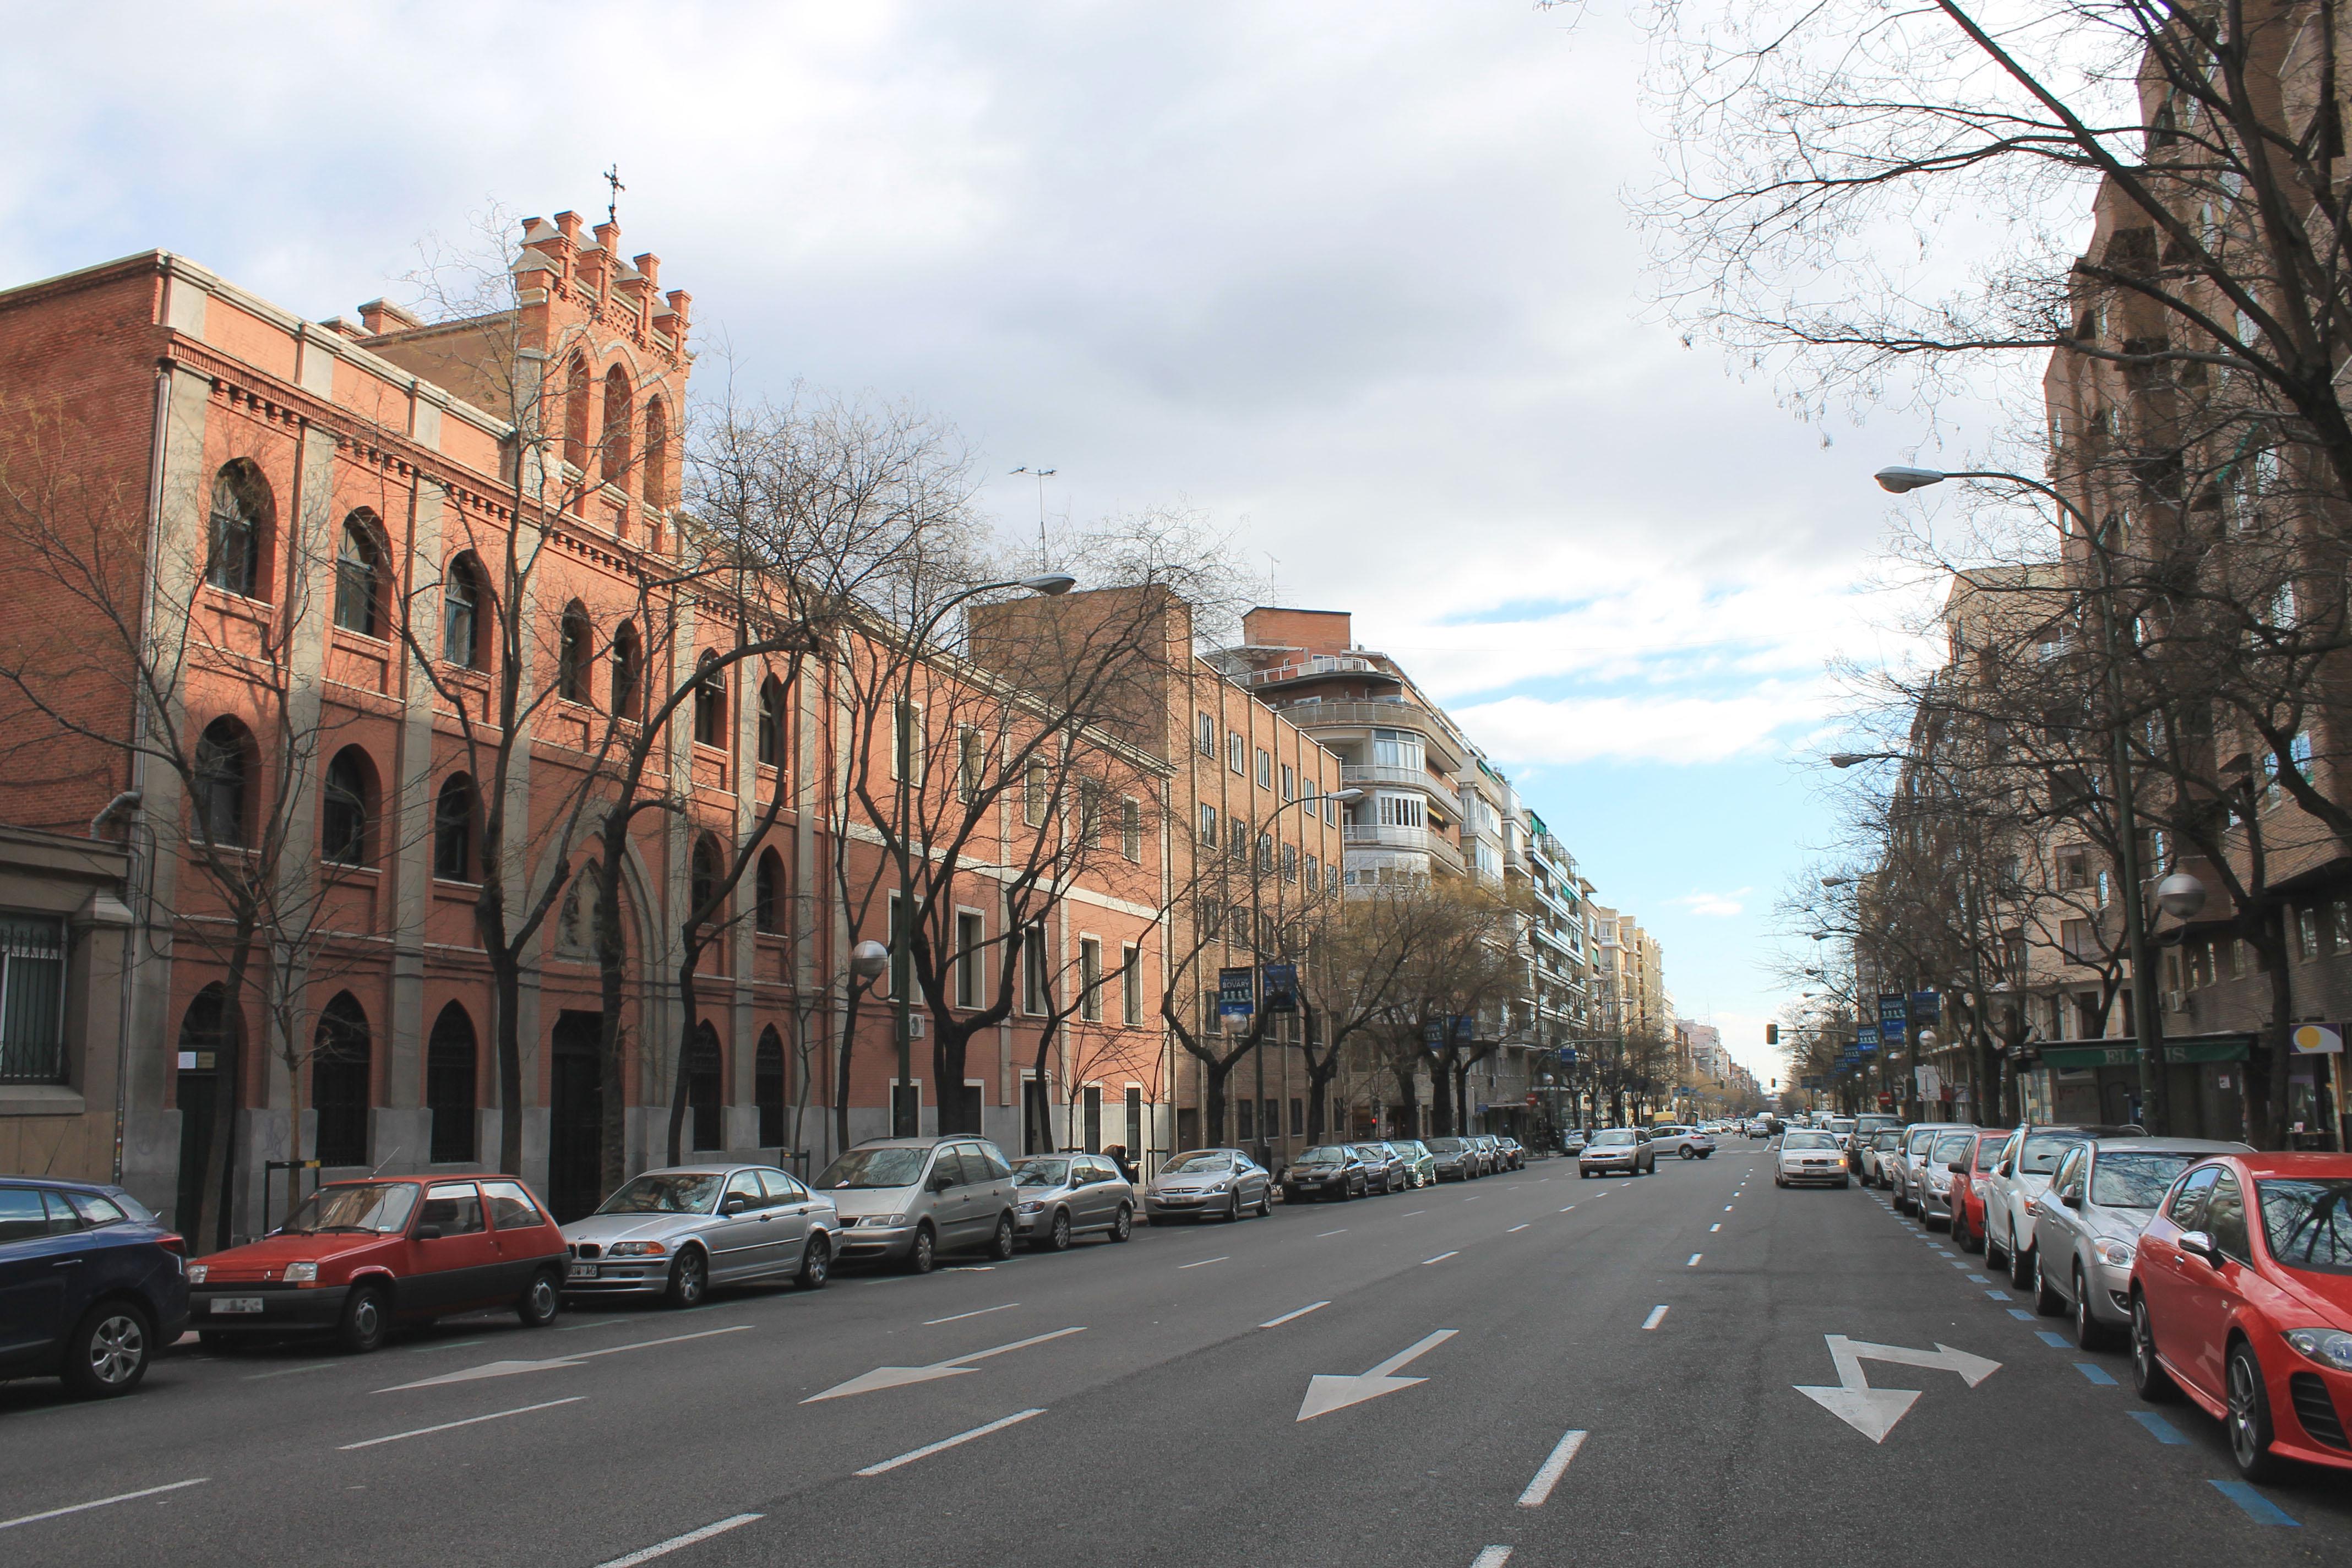 Calle De Santa Engracia Wikipedia La Enciclopedia Libre